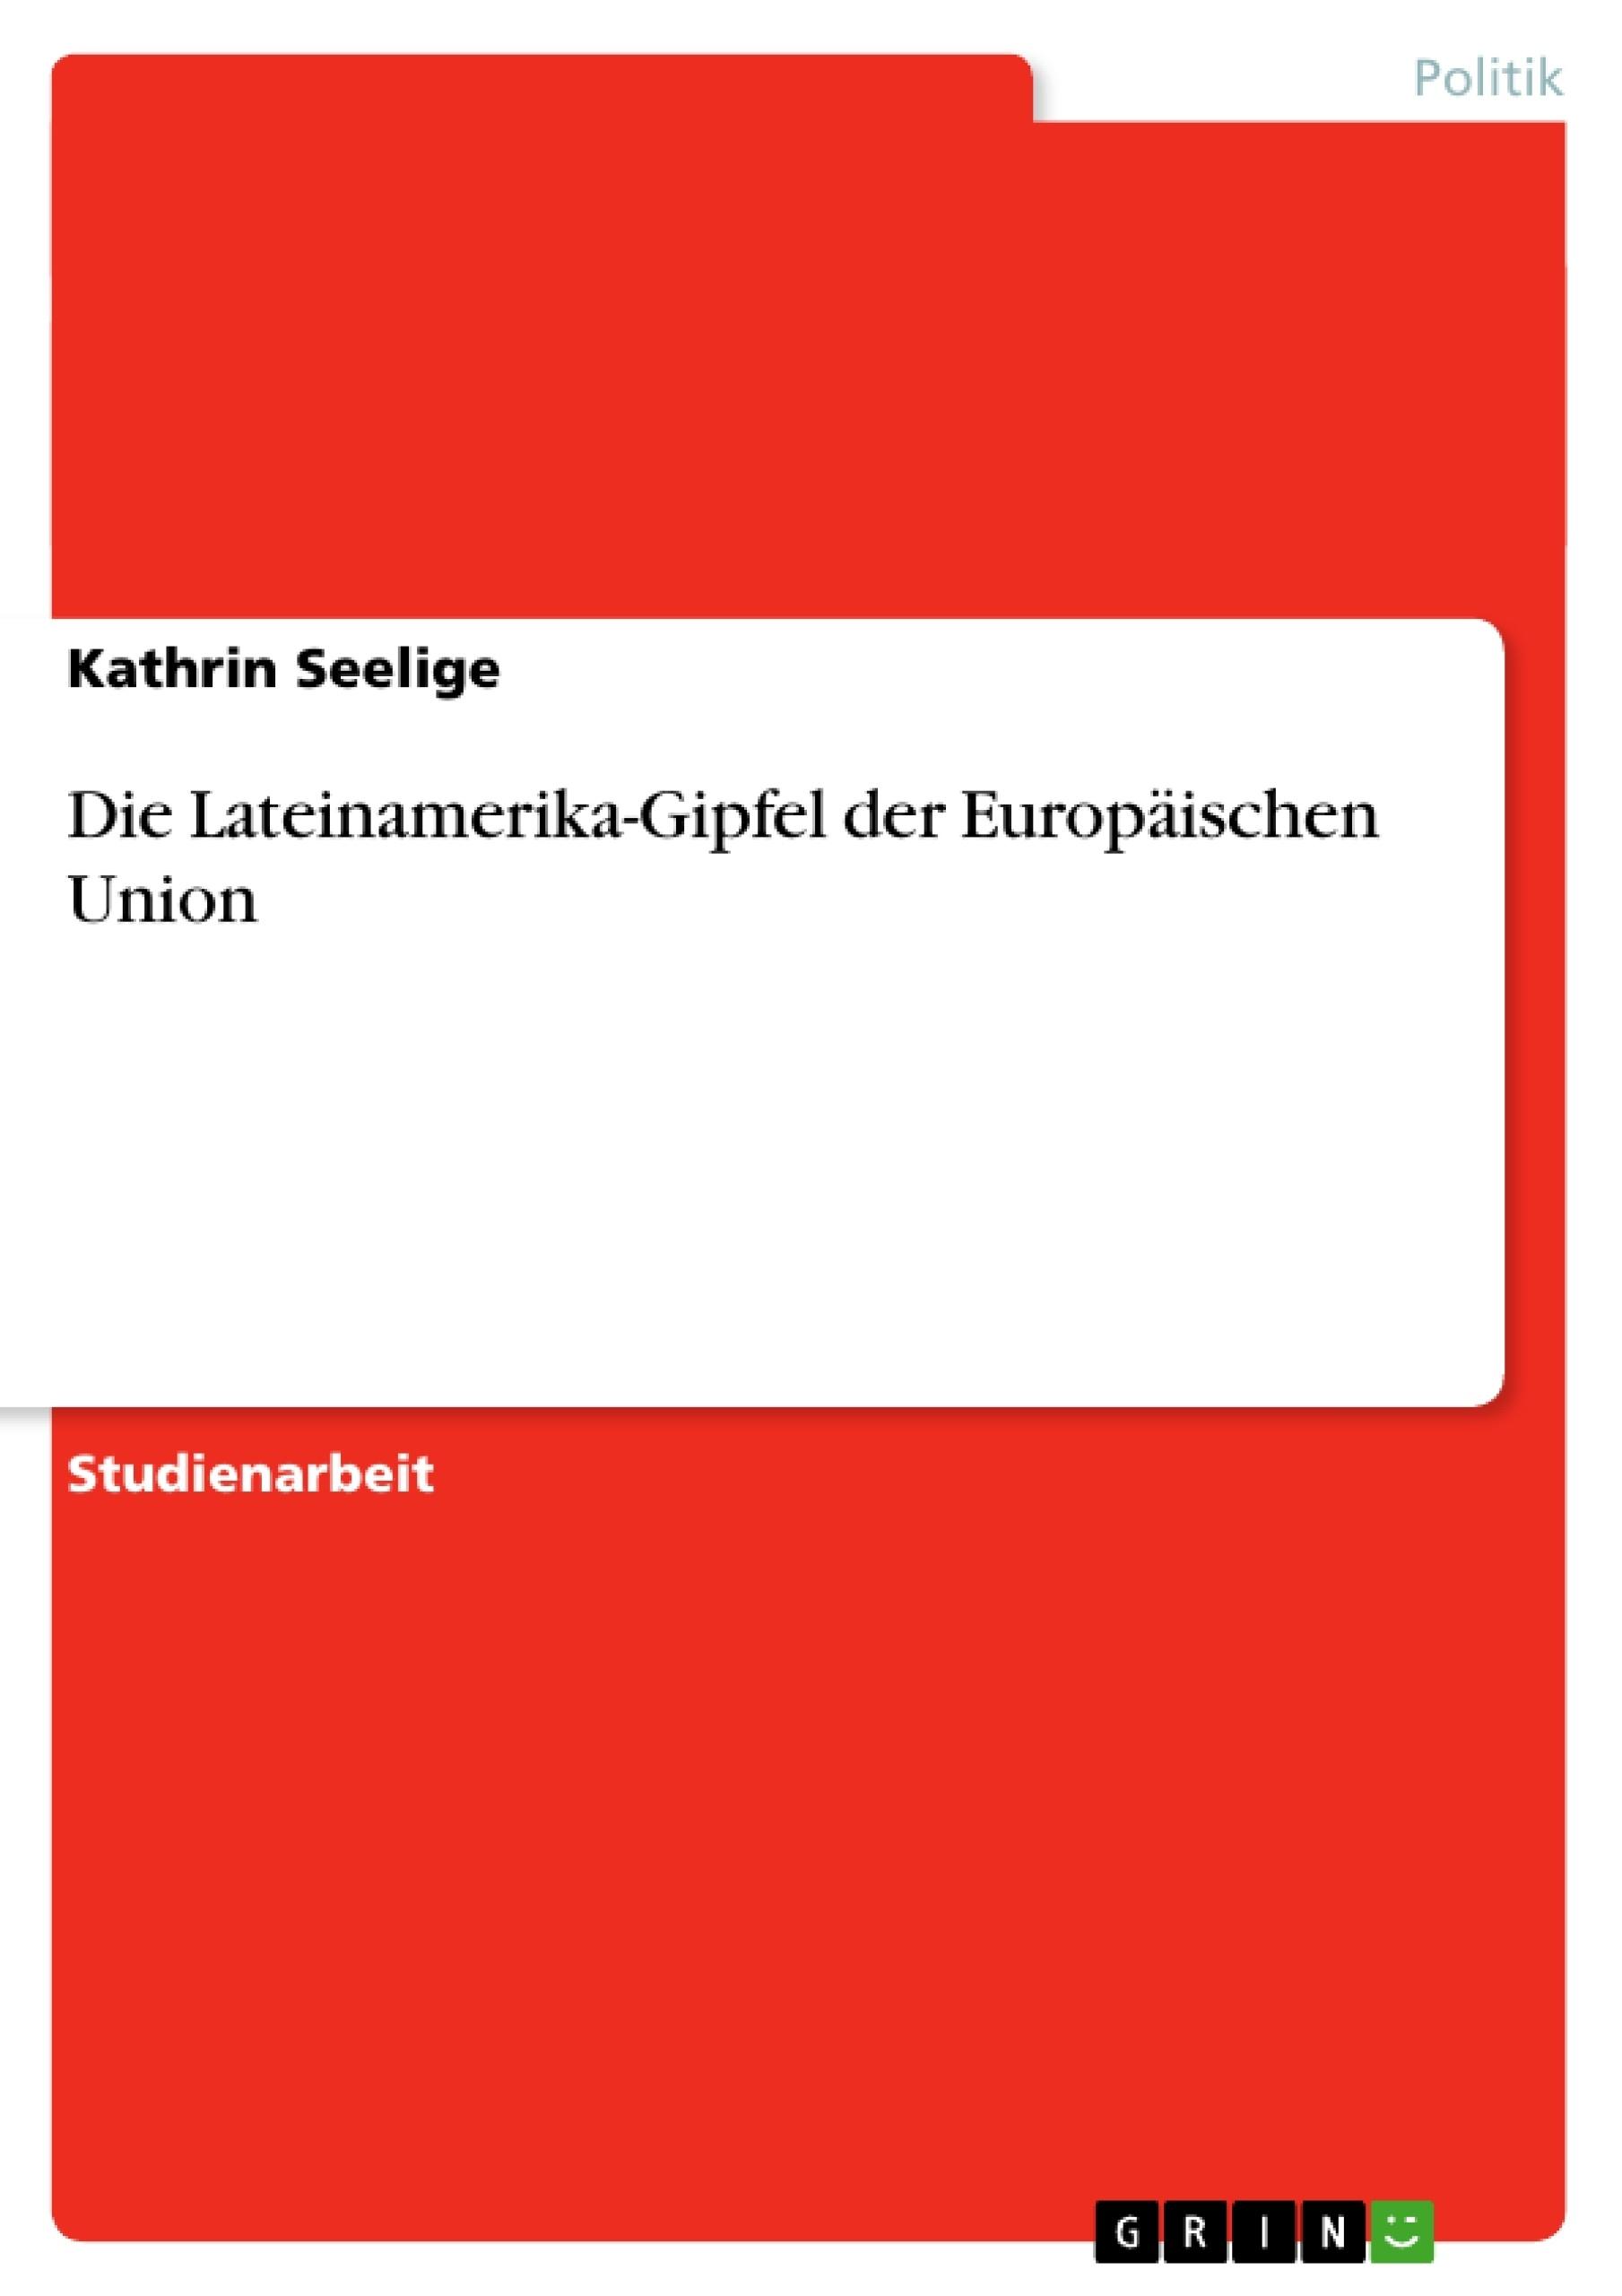 Titel: Die Lateinamerika-Gipfel der Europäischen Union